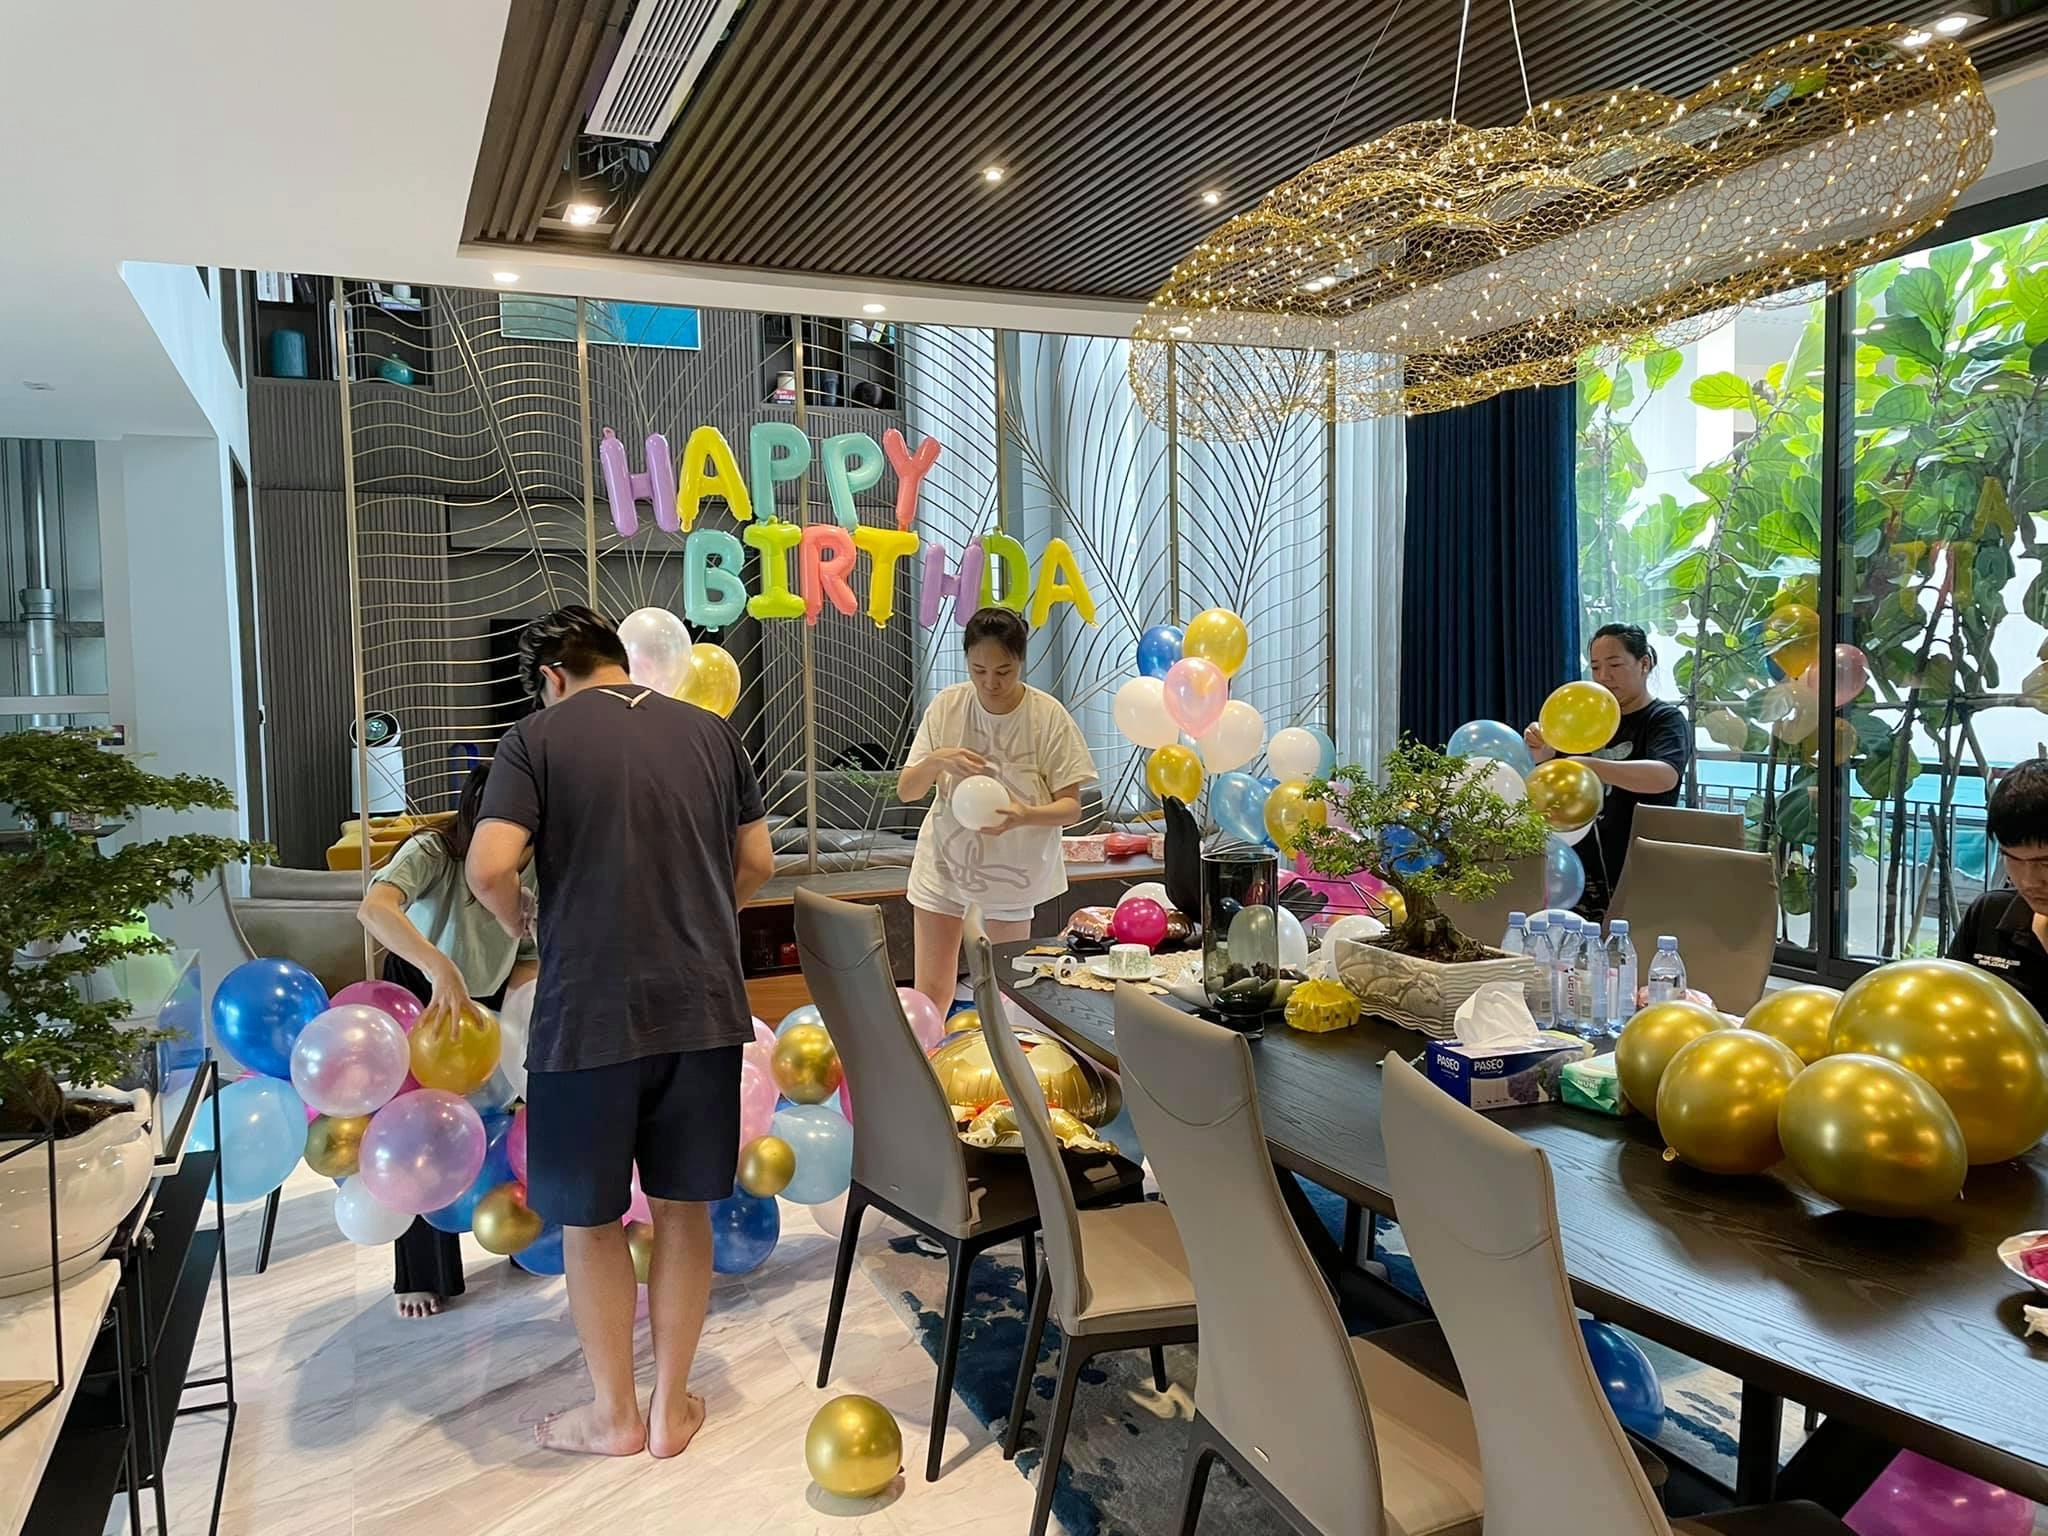 Vợ chồng Cường Đôla trang trí biệt thự mừng sinh nhật con gái - 2